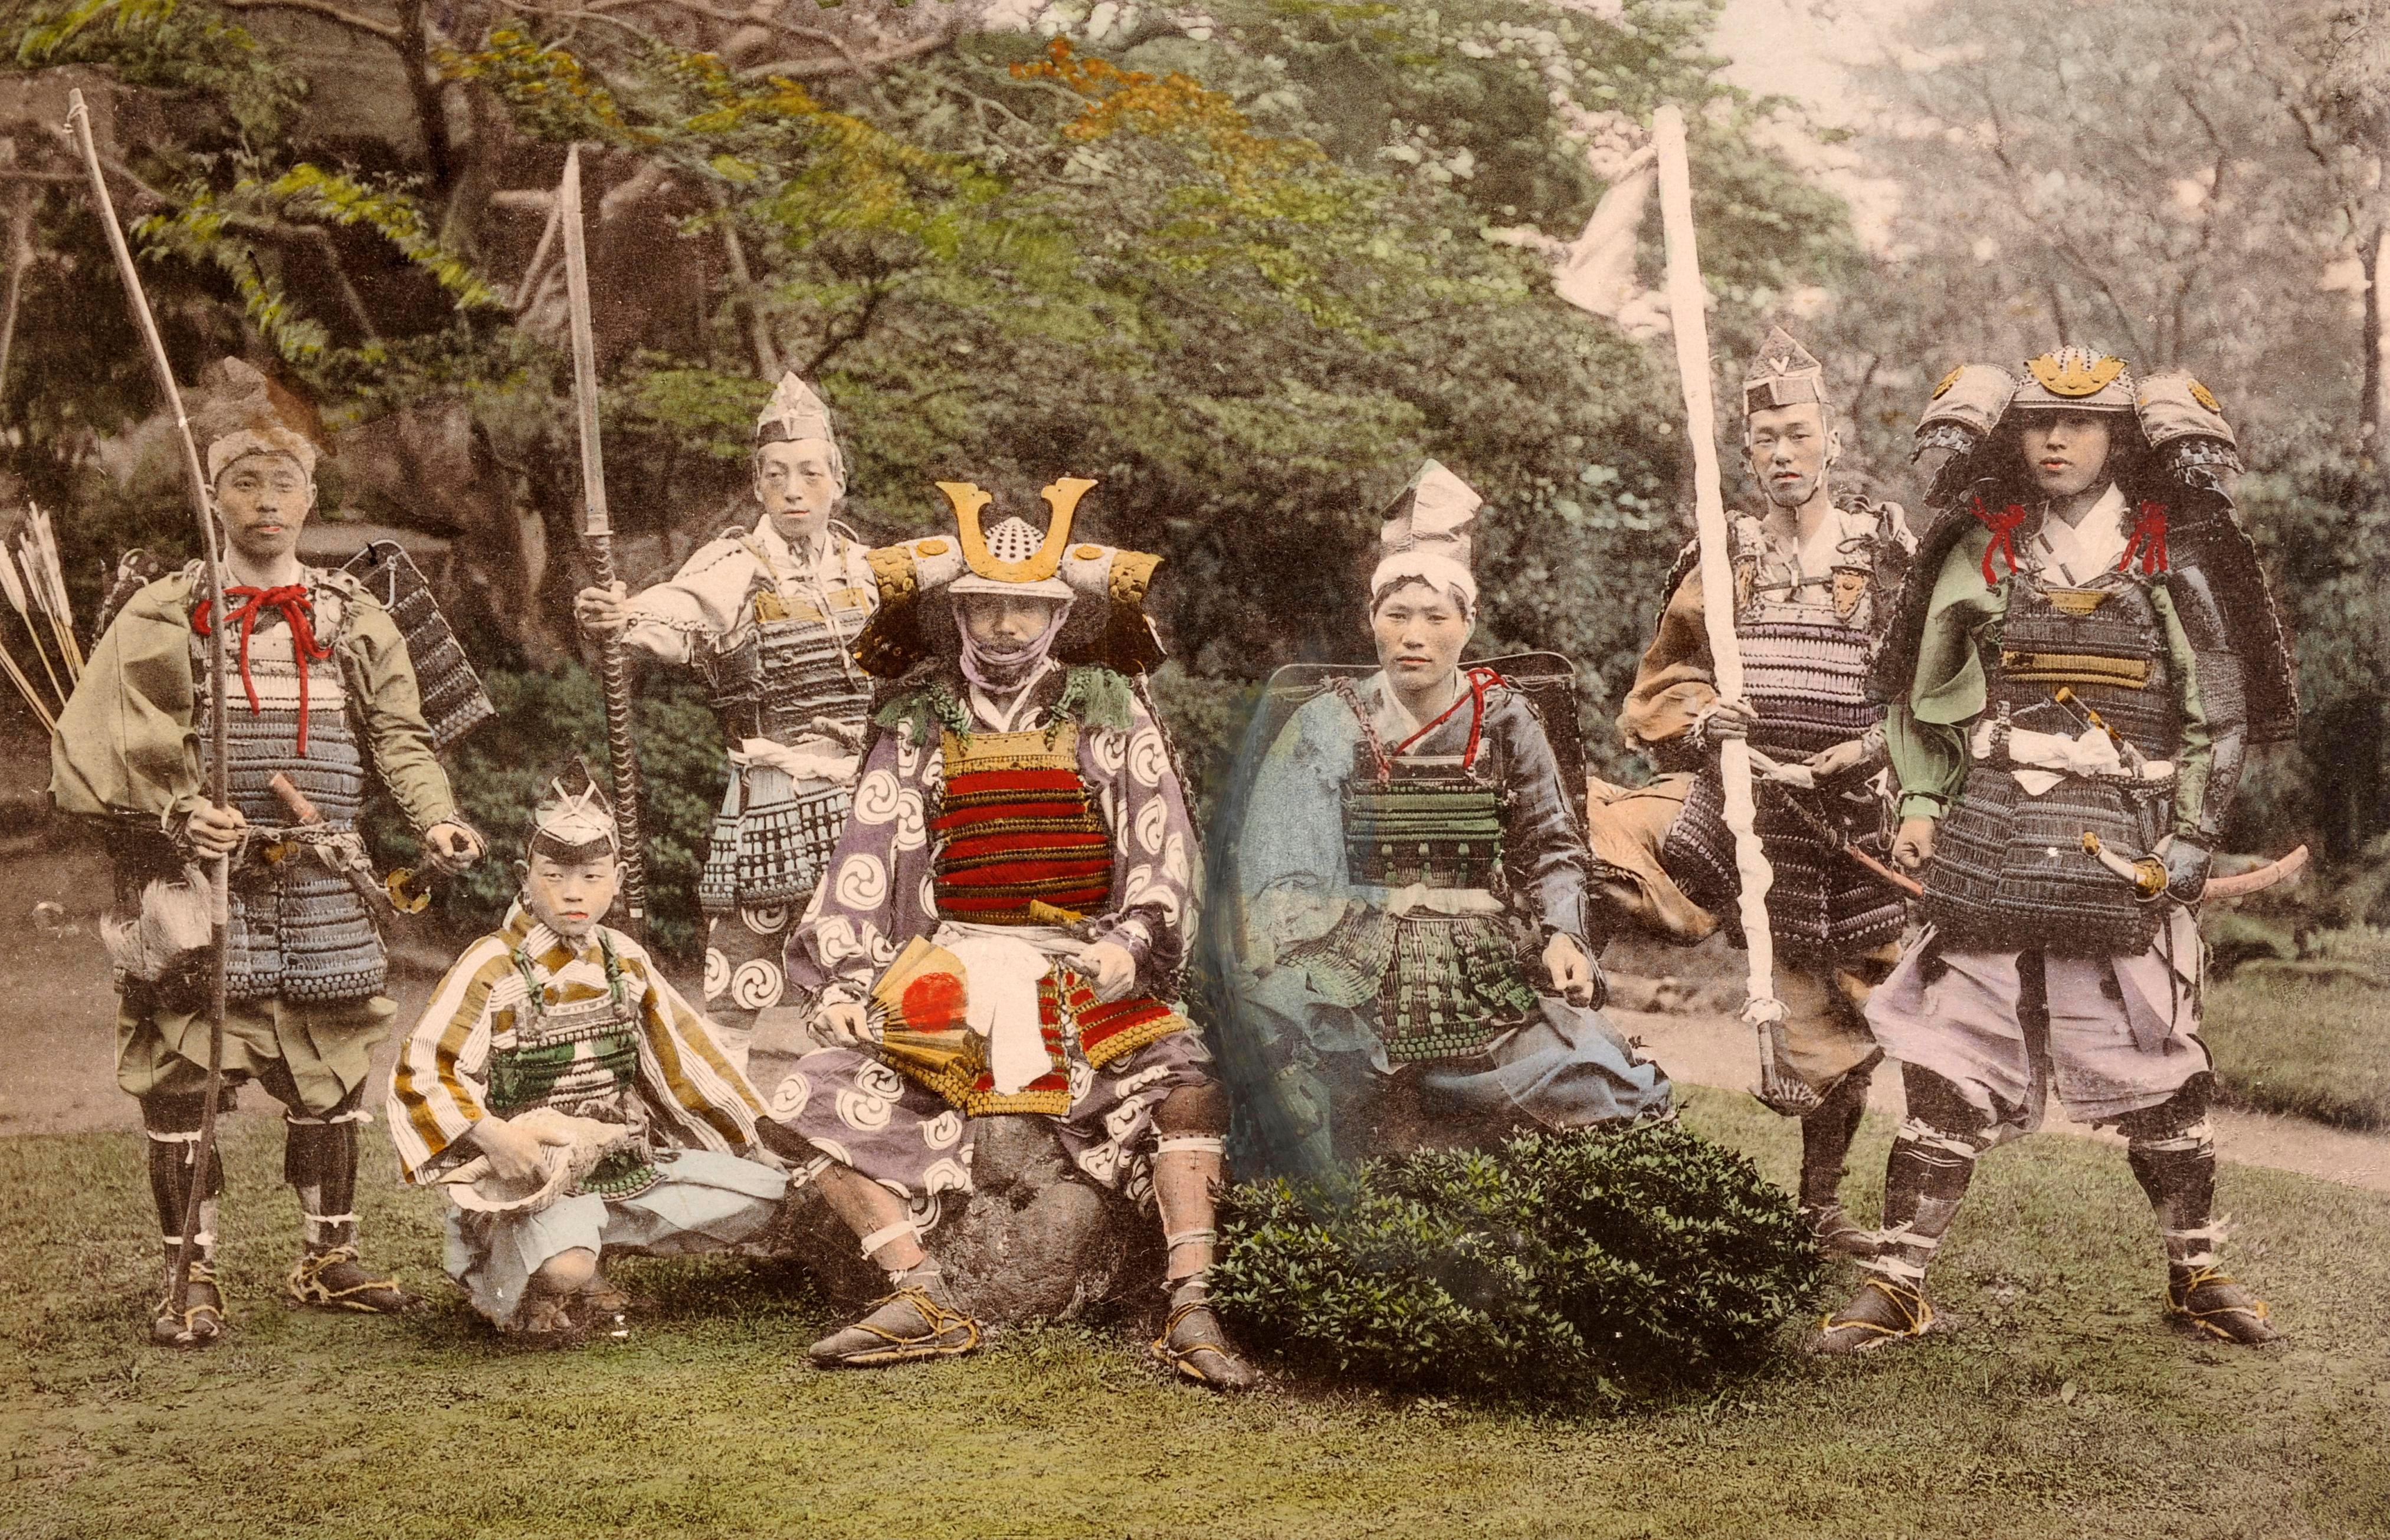 Группа самураев в старинных доспехах и с оружием, около 1870